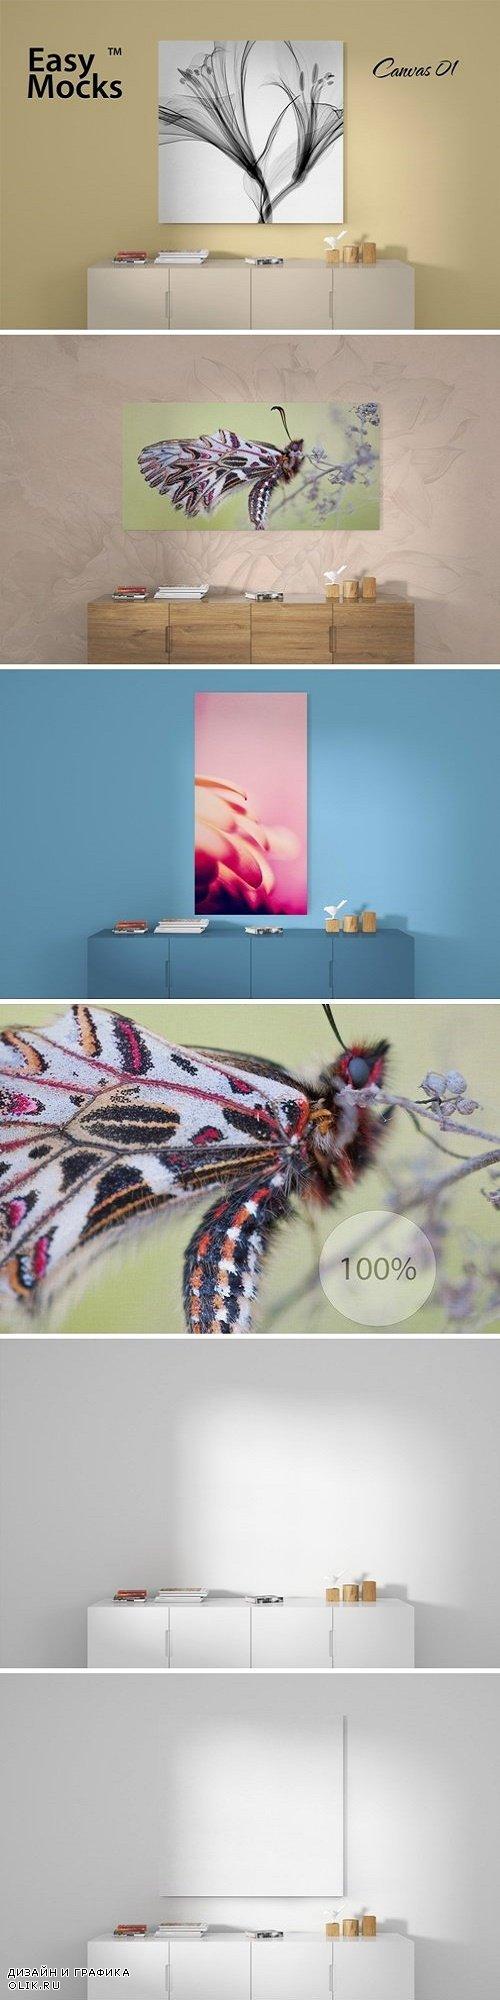 Canvas and wall mockup - 3990549